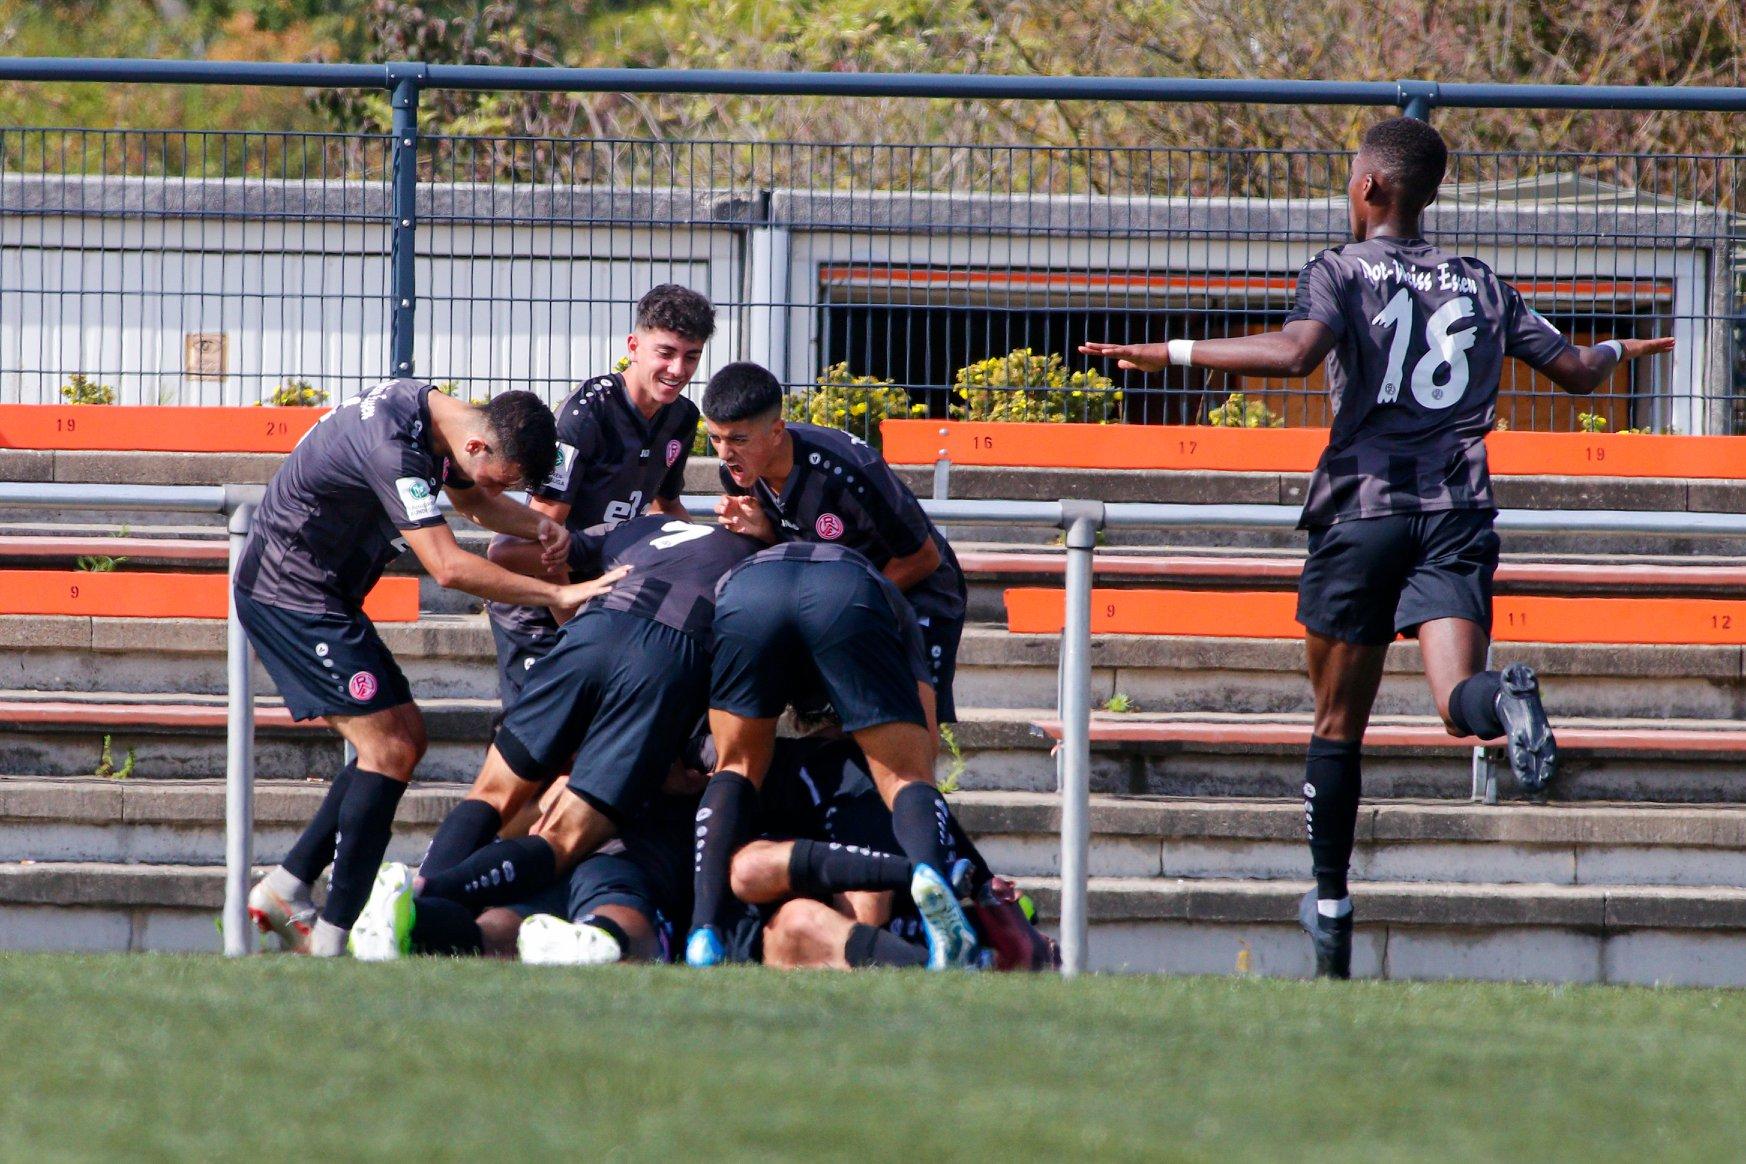 Die U19 bleibt an der Tabellenspitze. (Foto:Breilmannswiese)